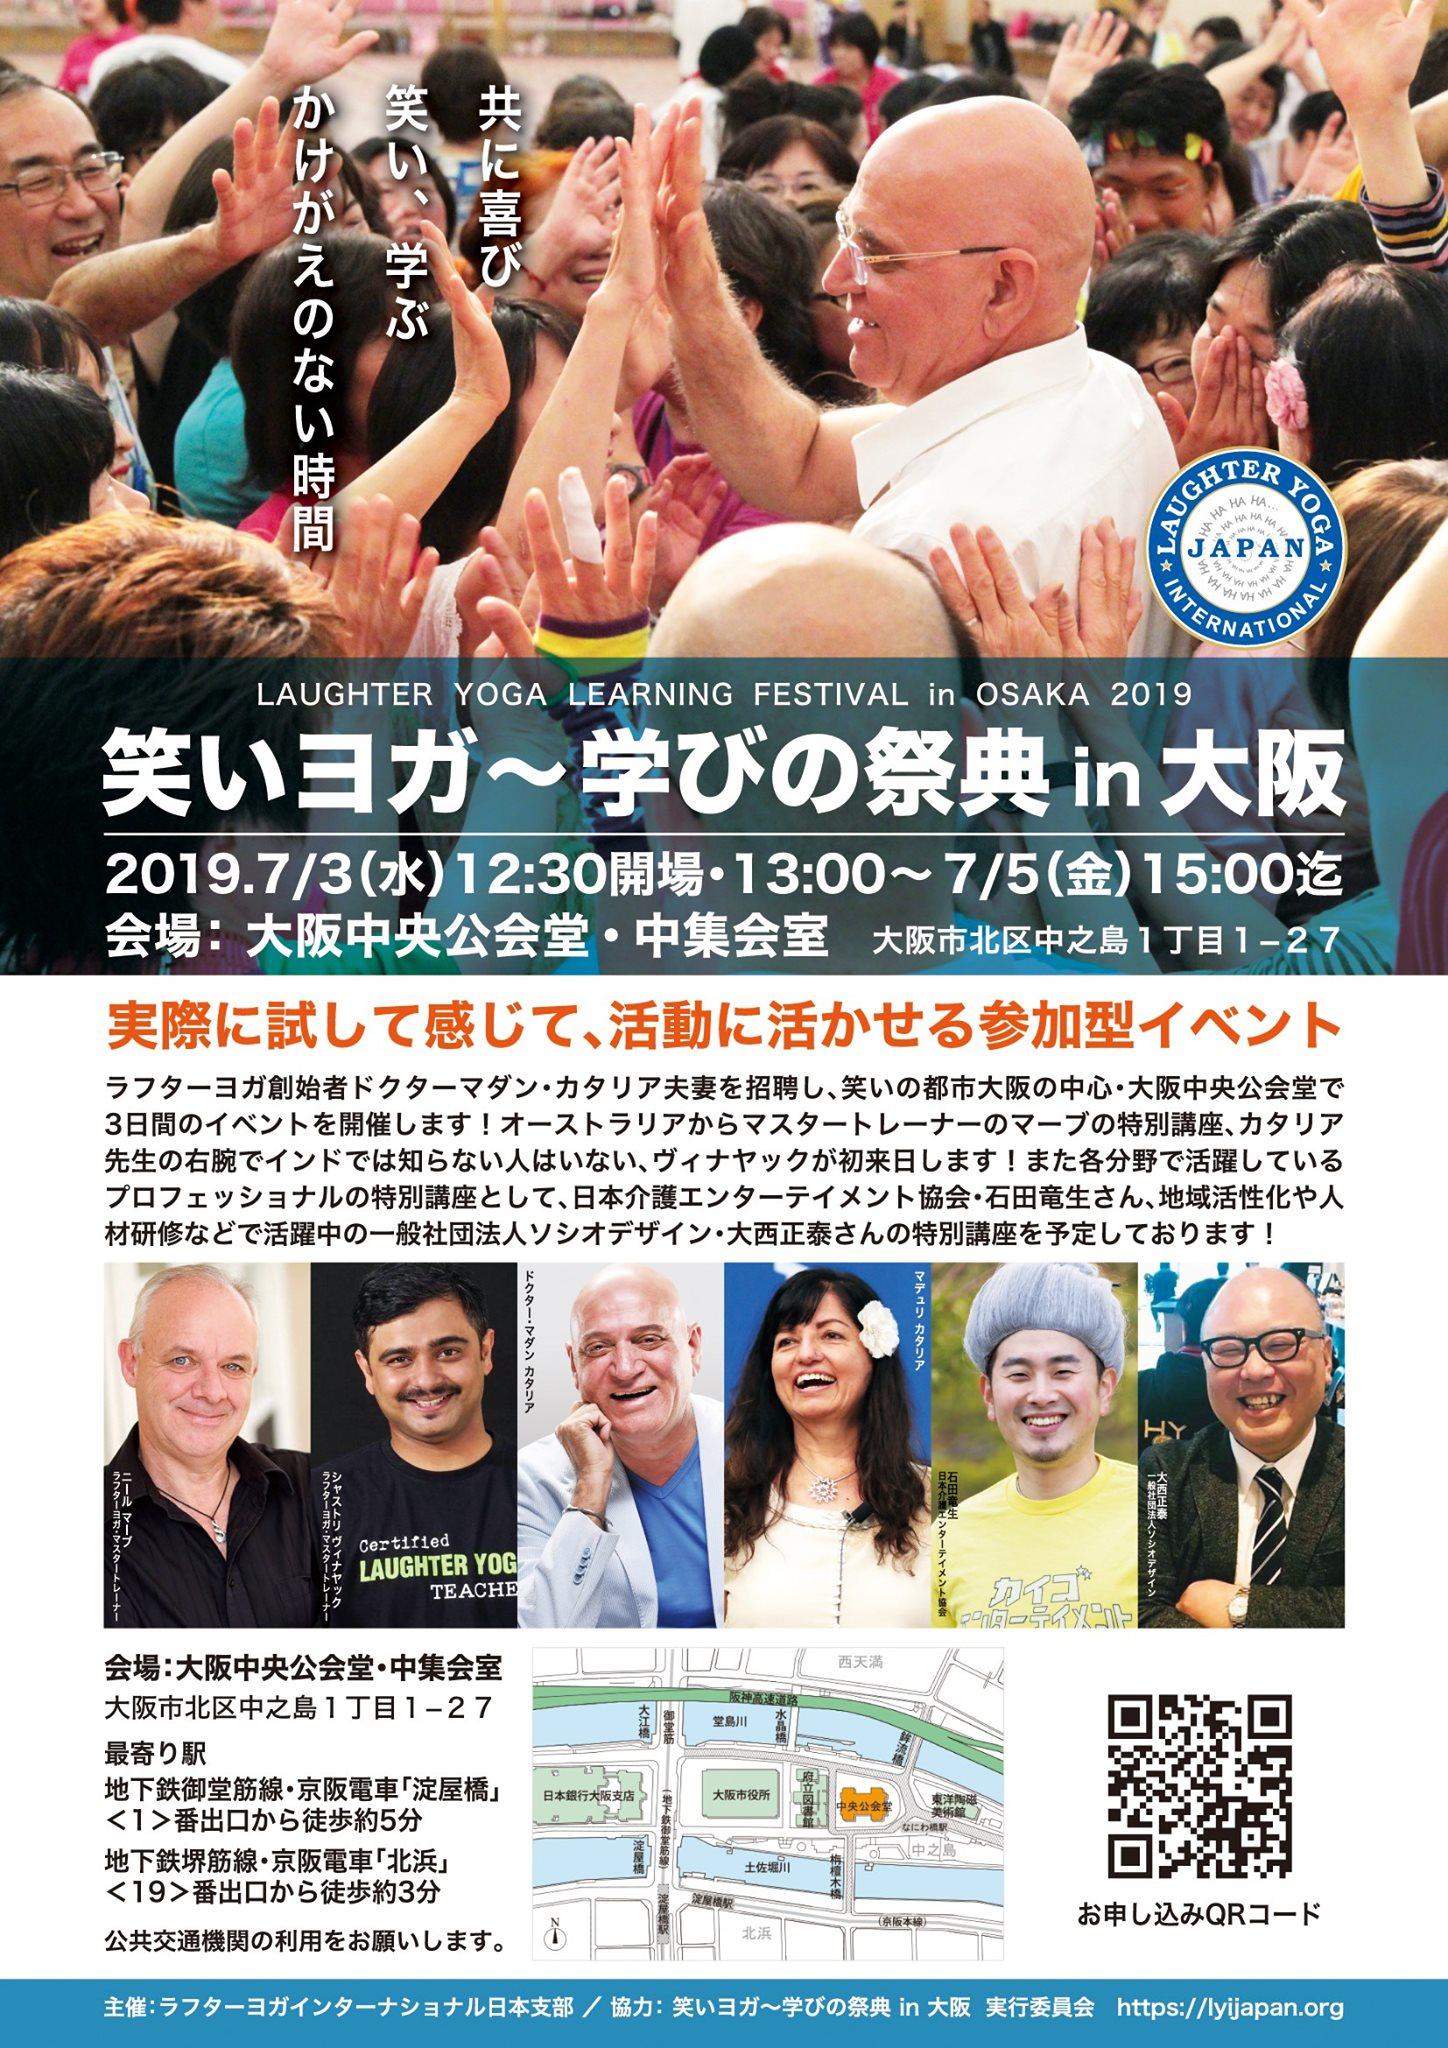 笑いヨガの祭典@大阪